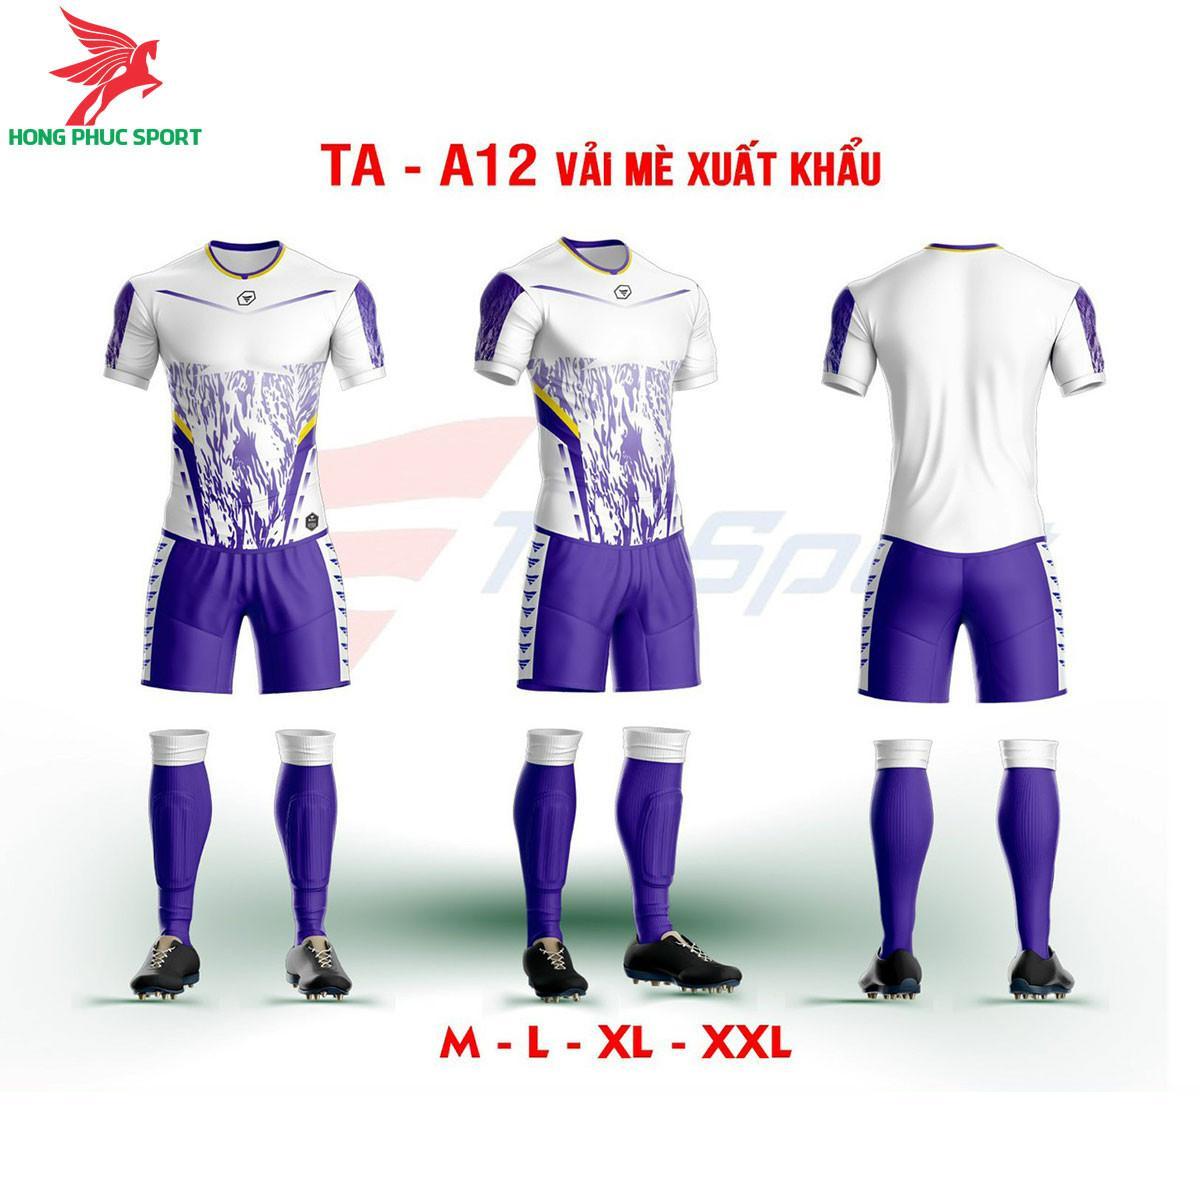 Áo bóng đá không logo TA-A12màu Tím